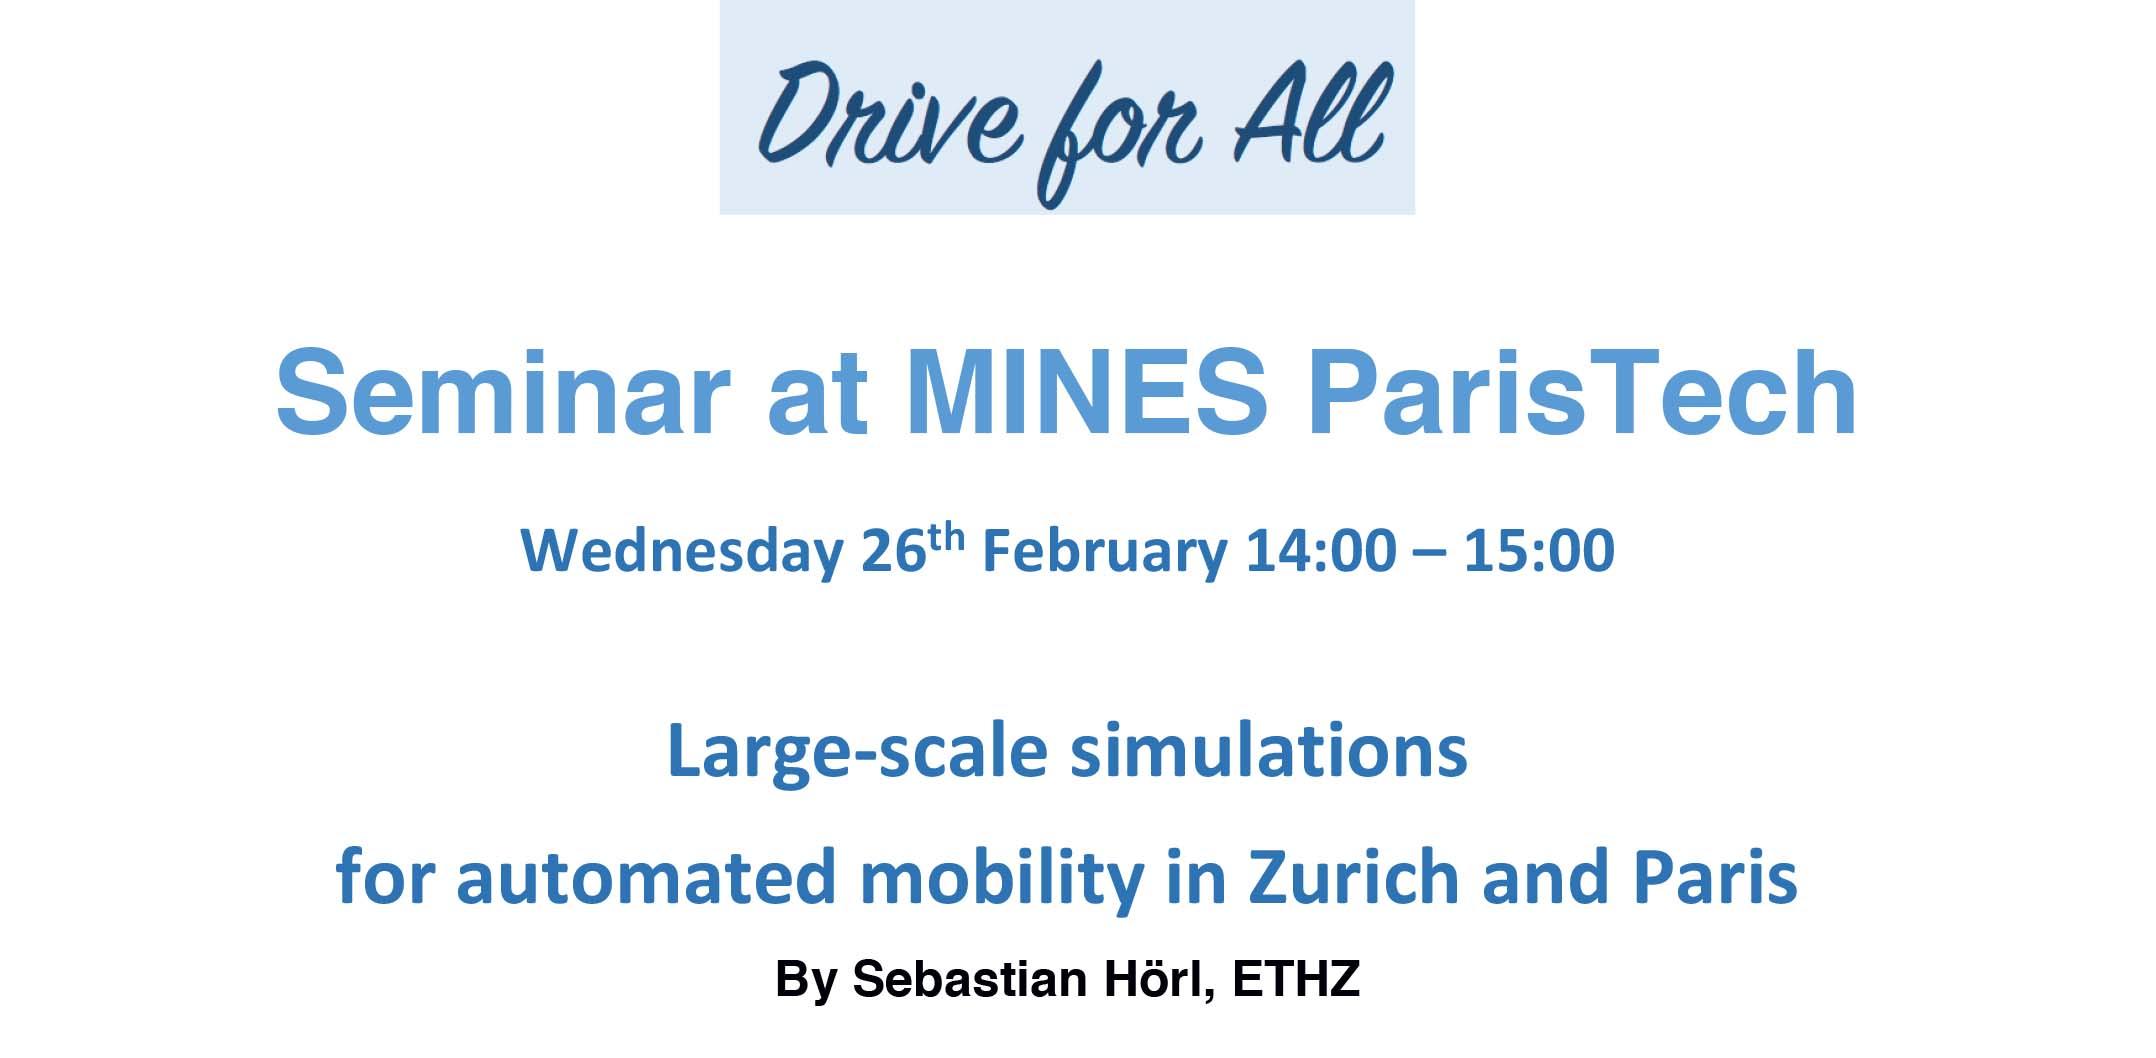 Simulations à grande échelle pour le transport automatisé, à Zurich et à Paris